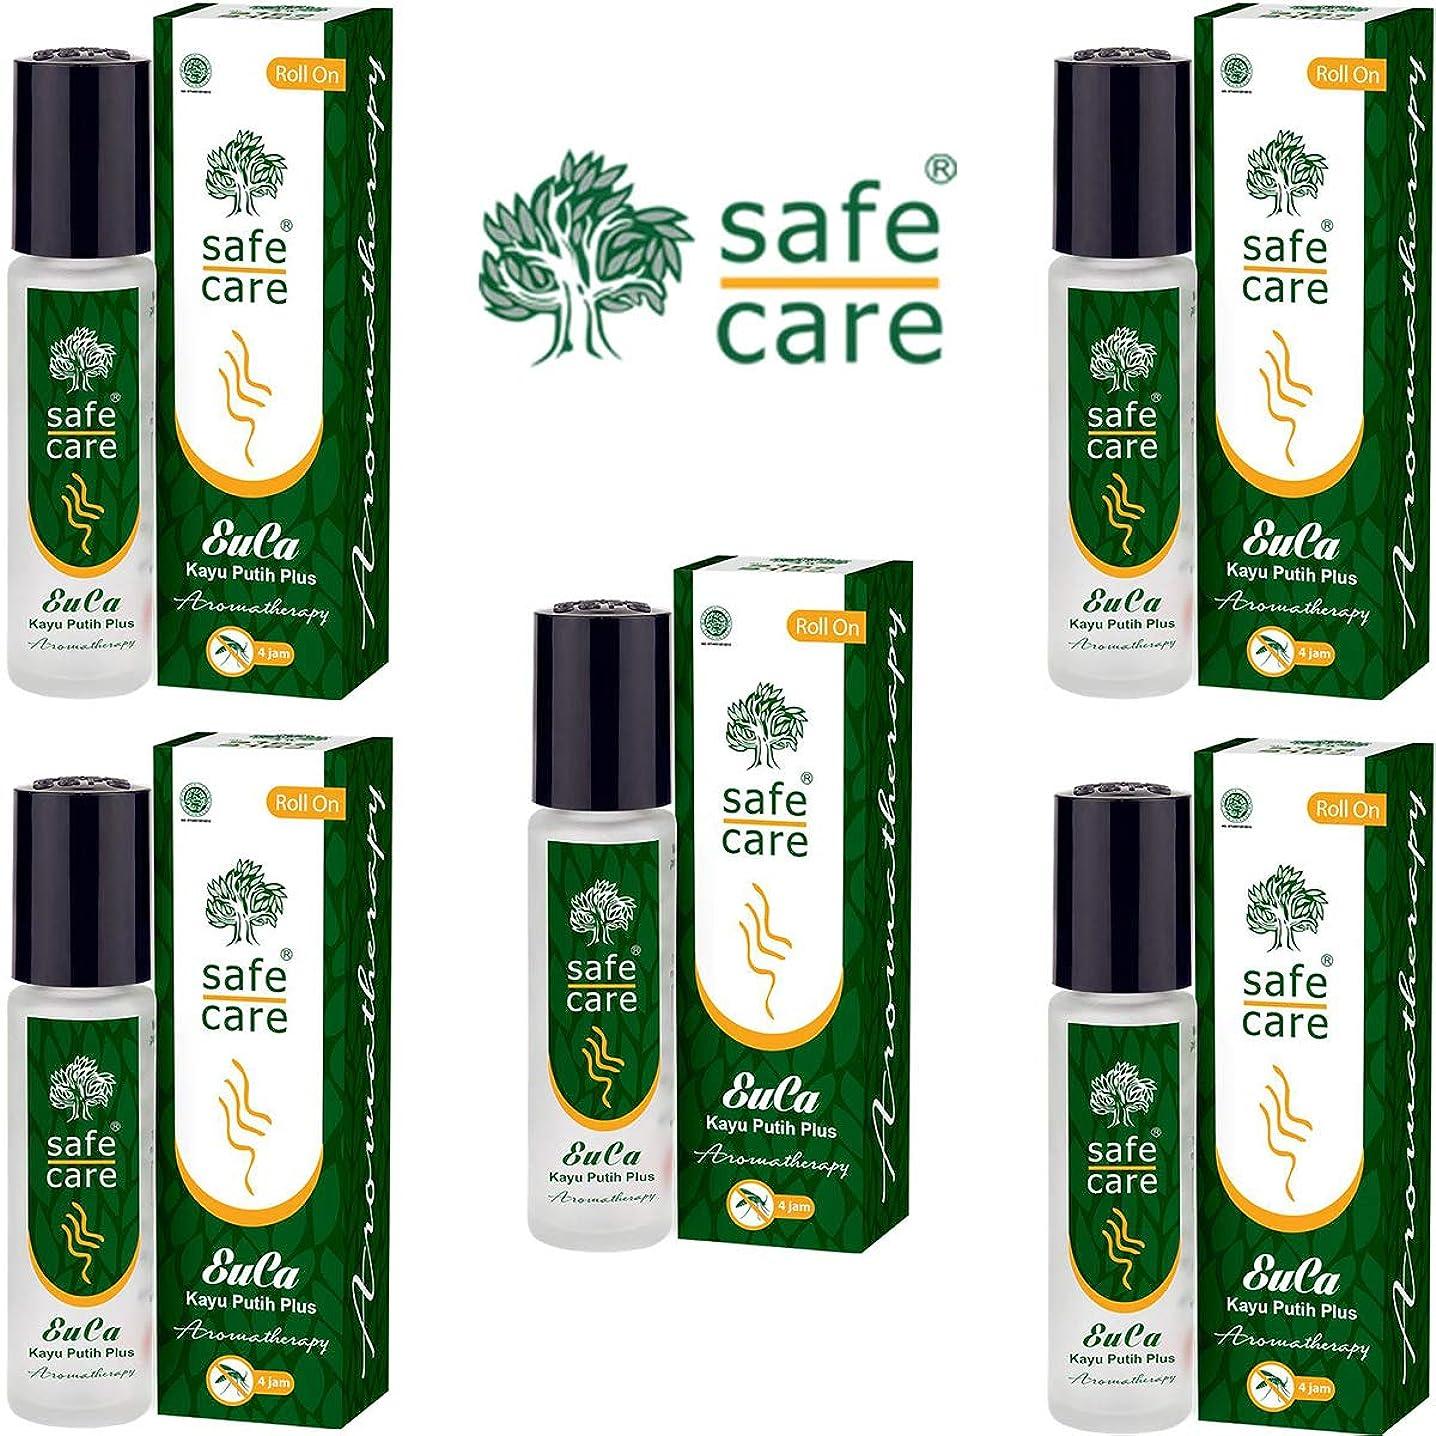 シャンプーアレイ座るSafe Care セーフケア Aromatherapy Kayu Putih Plus アロマテラピー リフレッシュオイル カユプティプラス ロールオン 10ml×5本セット [海外直送品]